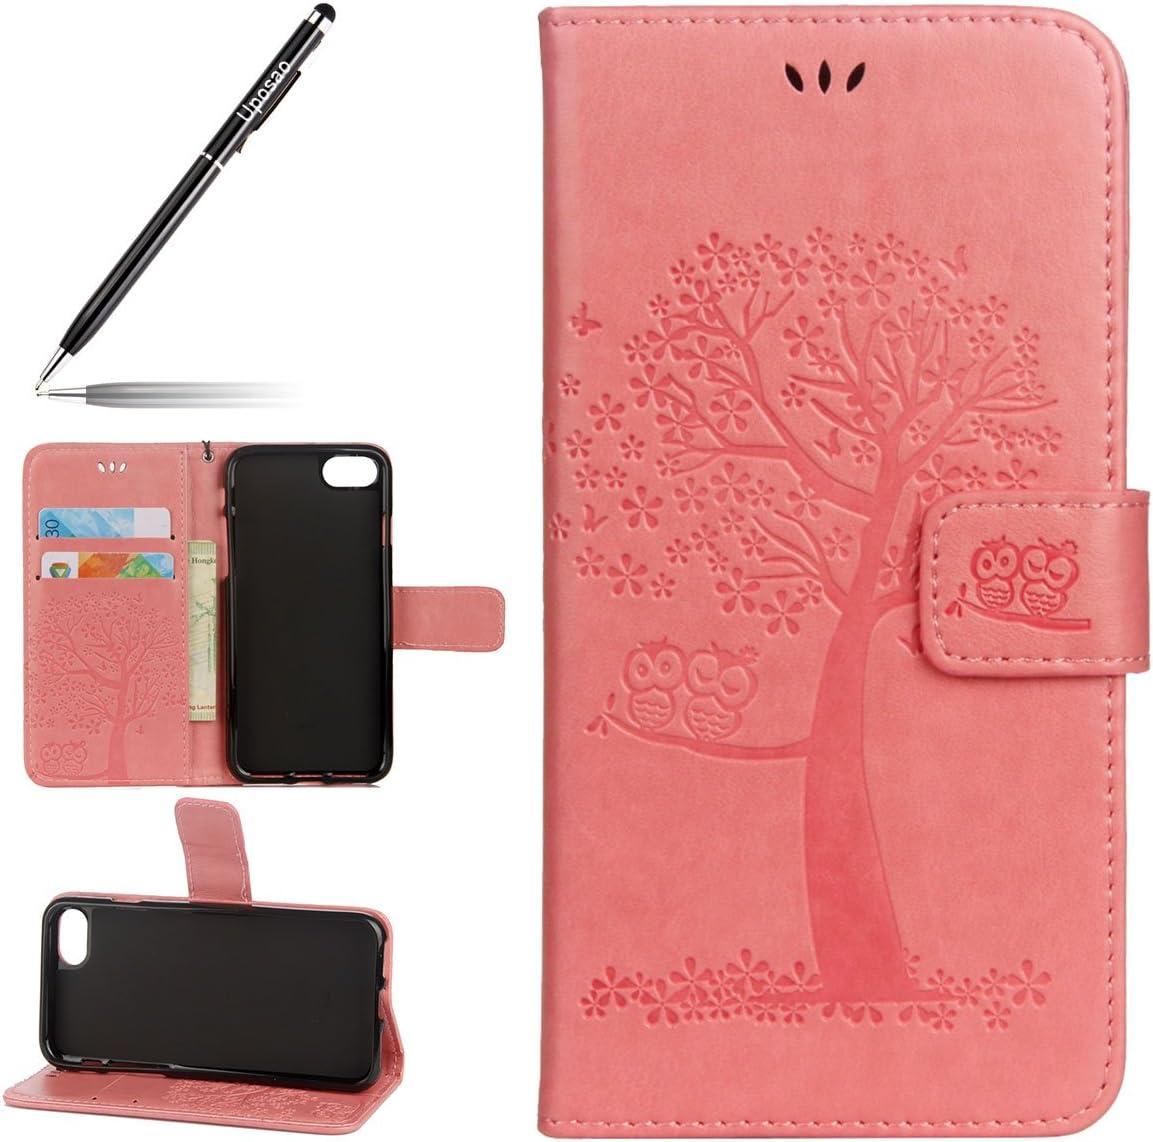 iPhone 8 4.7 Handyh/ülle Gl/änzend Glitzer Kristall Strass Diamant Handytasche /Überzug Silikon Schutzh/ülle Tasche Durchsichtige H/ülle Backcover Case,Gold Uposao Kompatibel mit iPhone 7